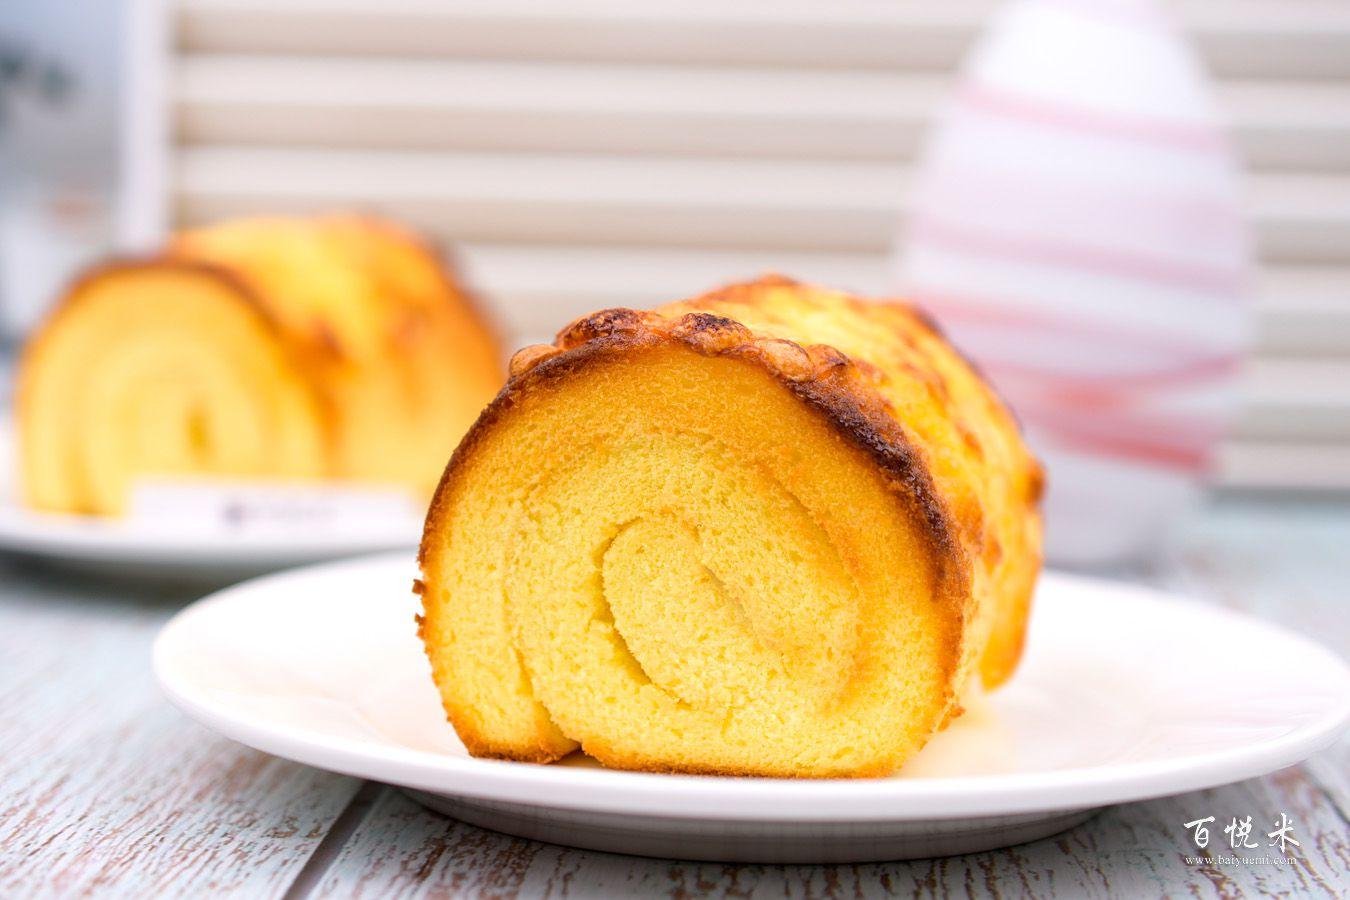 恩格蛋糕卷的做法大全,恩格蛋糕卷西点培训图文教程分享